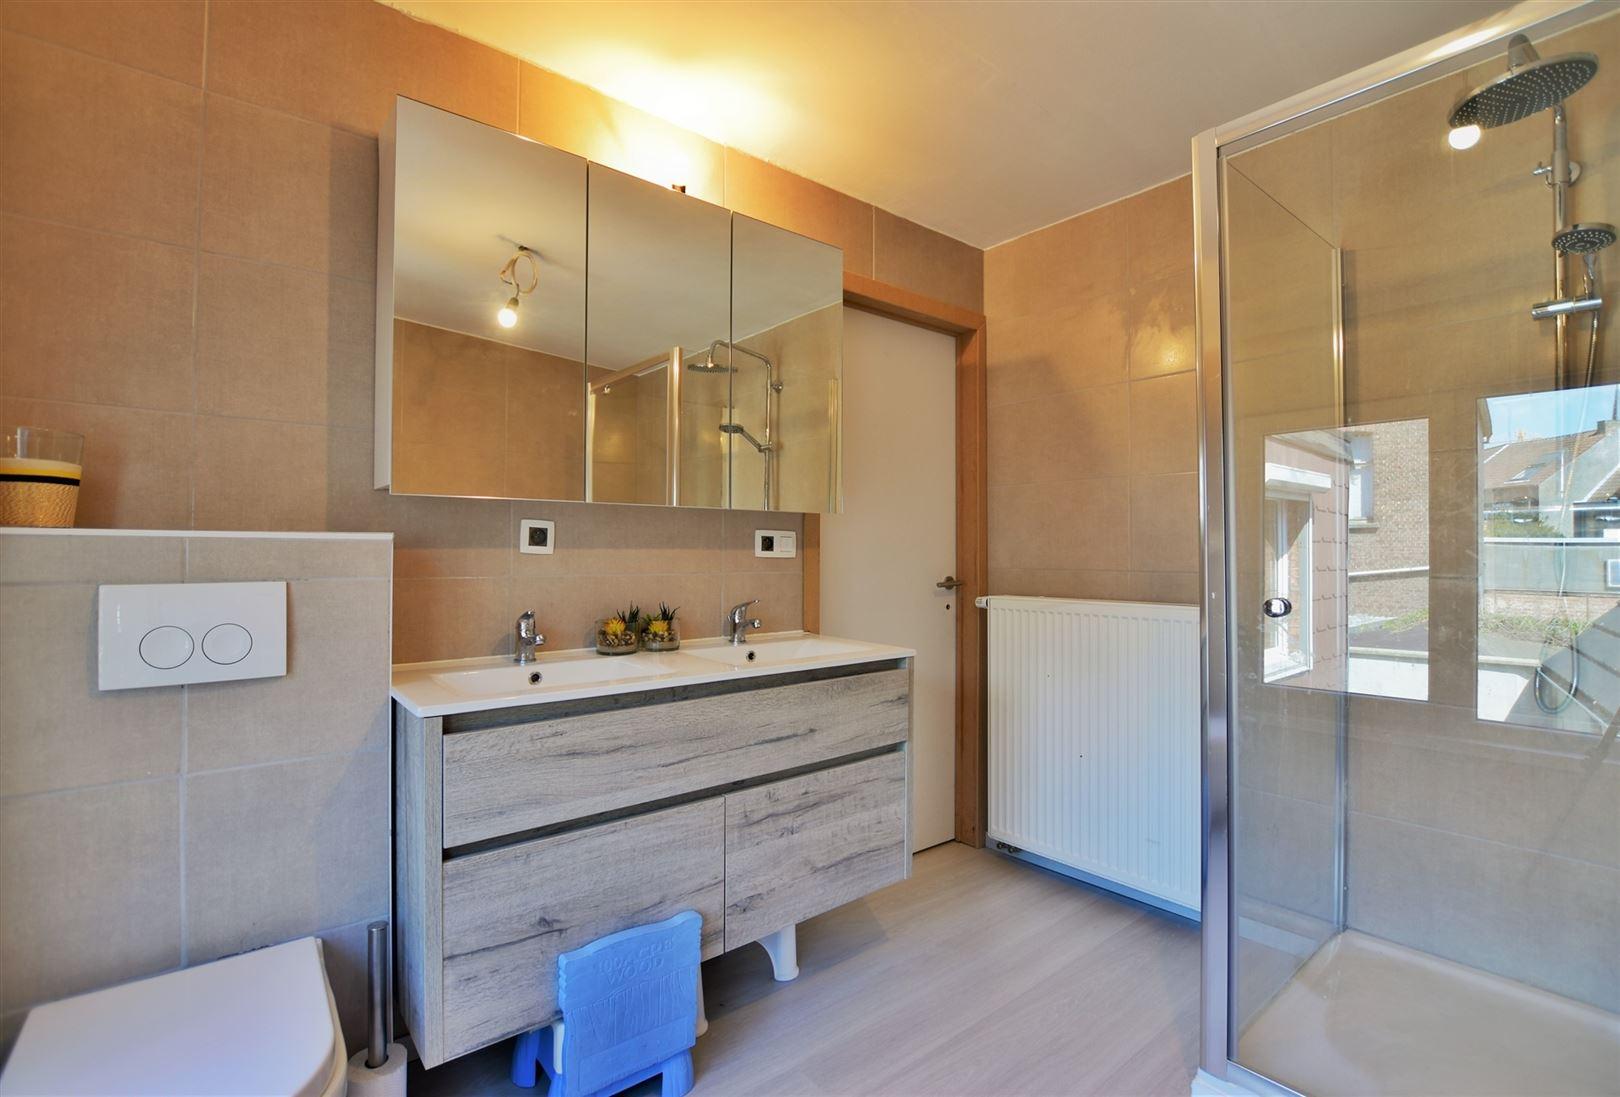 Foto 6 : Woning te 9220 HAMME (België) - Prijs € 239.000